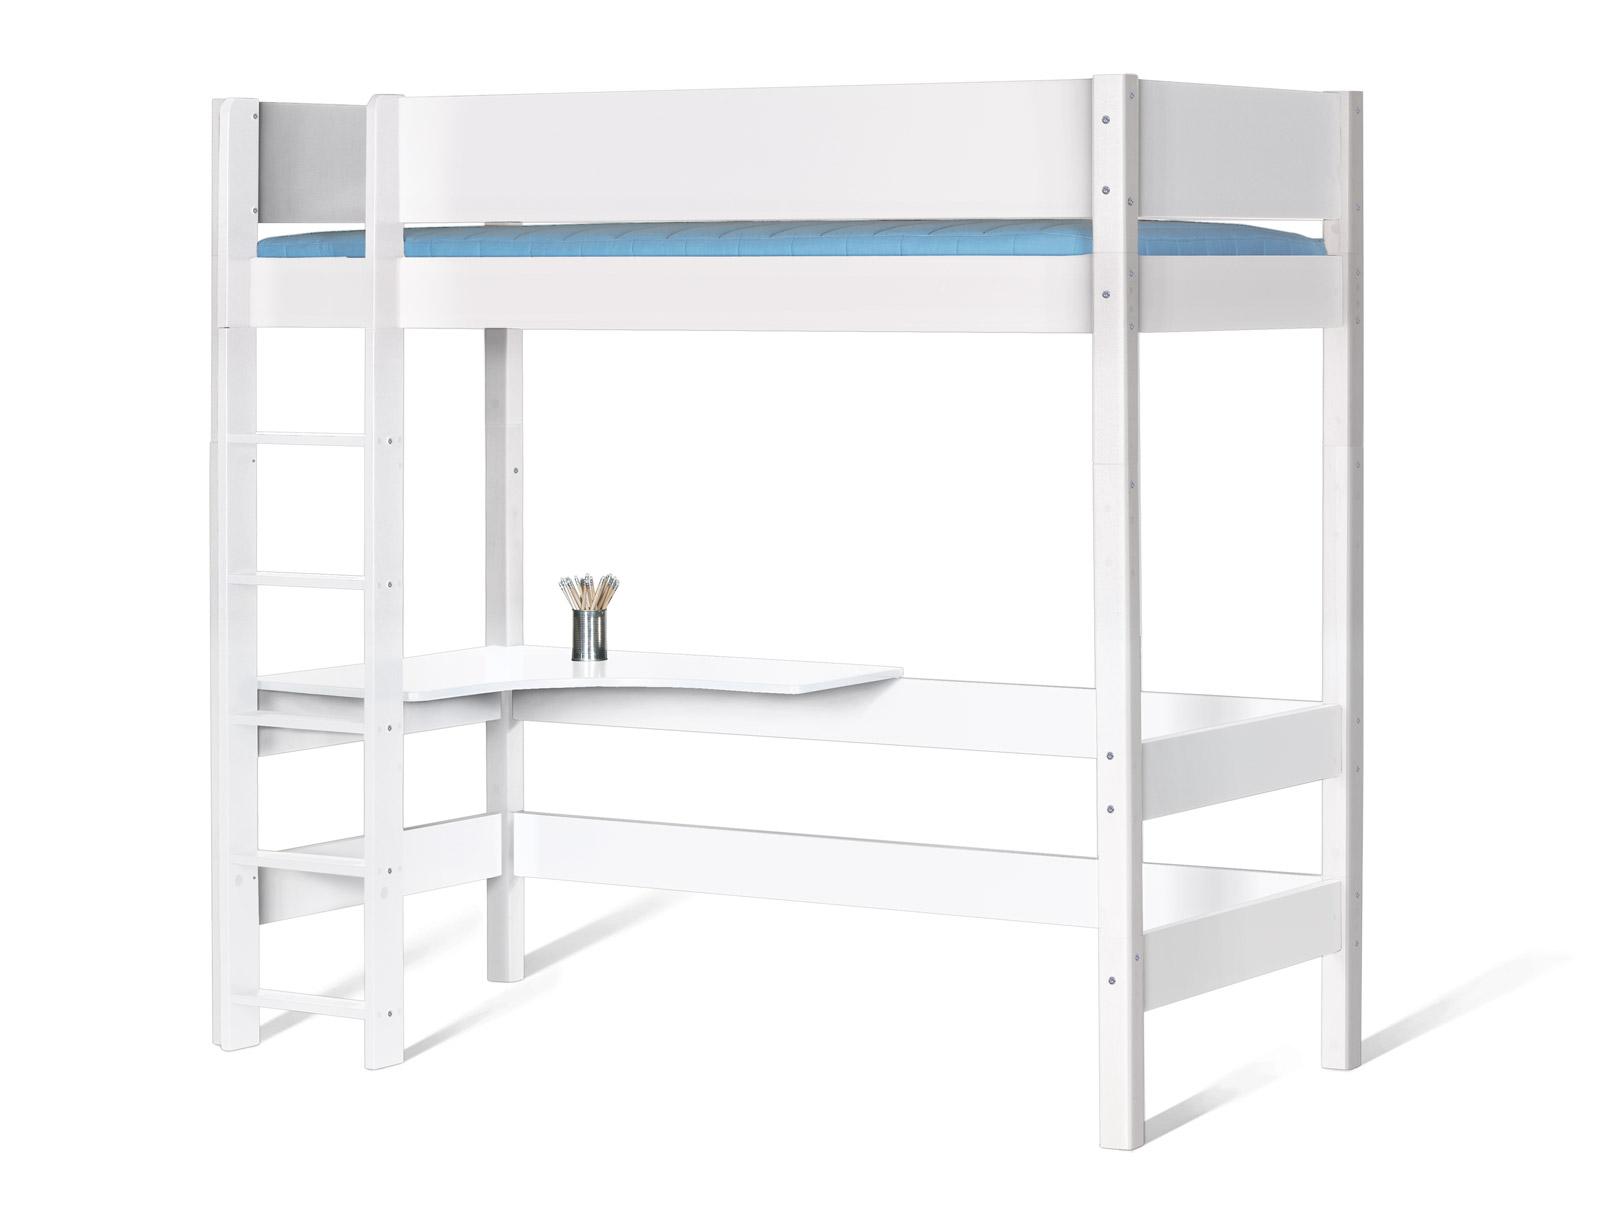 farbiges hochbett wahlweise mit schreibtisch kids town. Black Bedroom Furniture Sets. Home Design Ideas